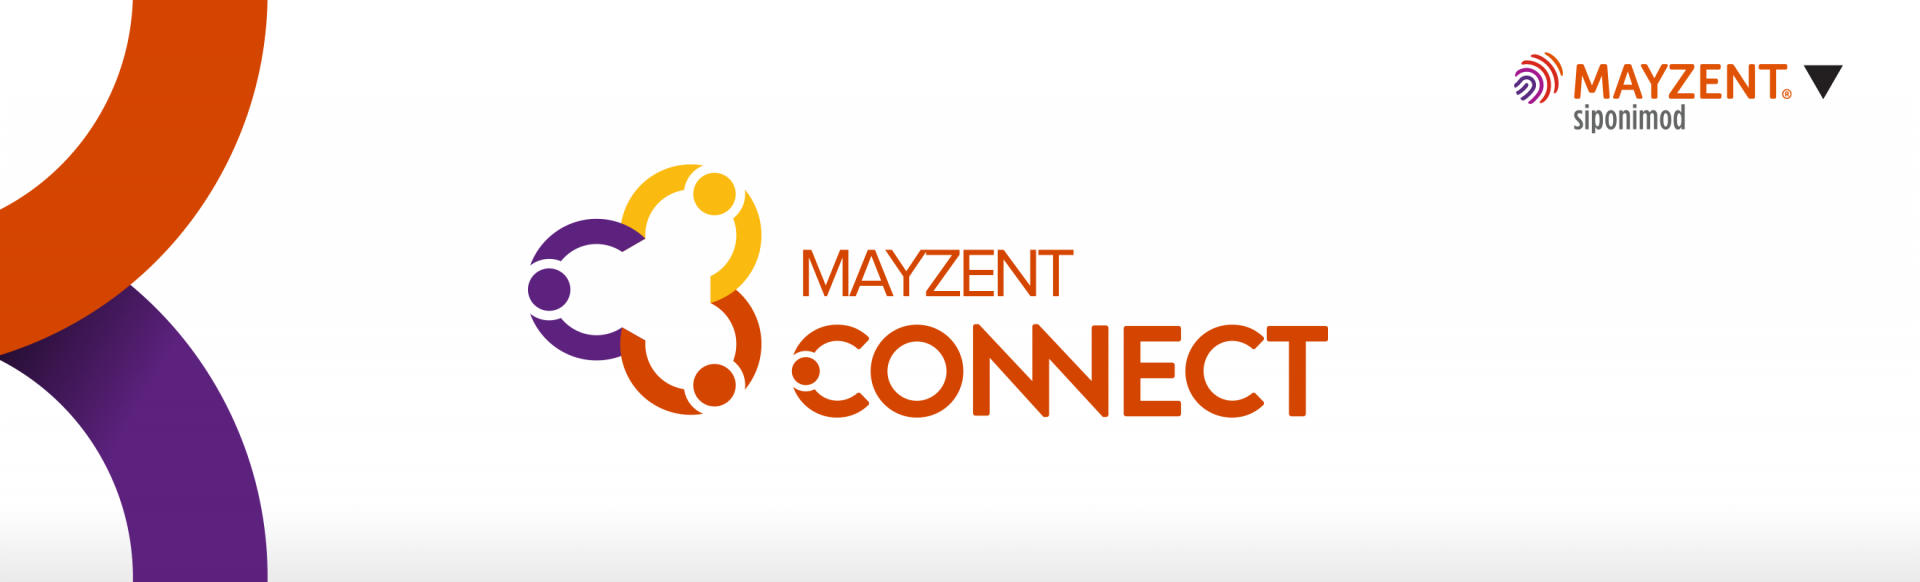 MayzentConnect